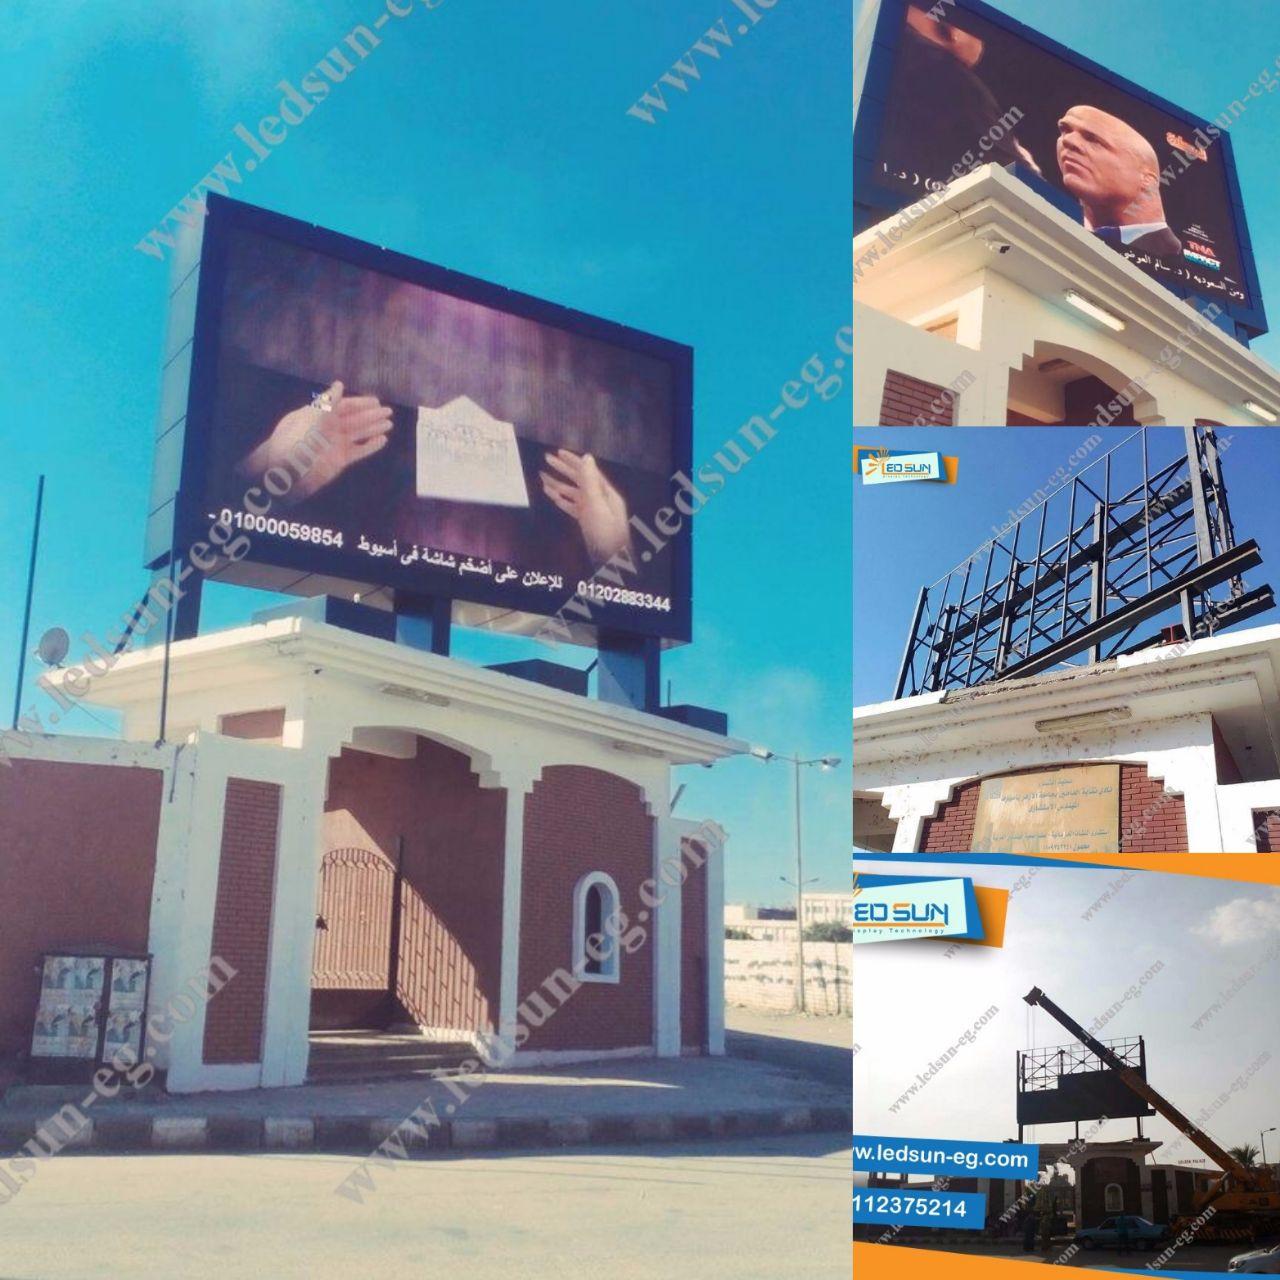 شاشات الاعلانات ليد صن ايجيبت  Project Picture